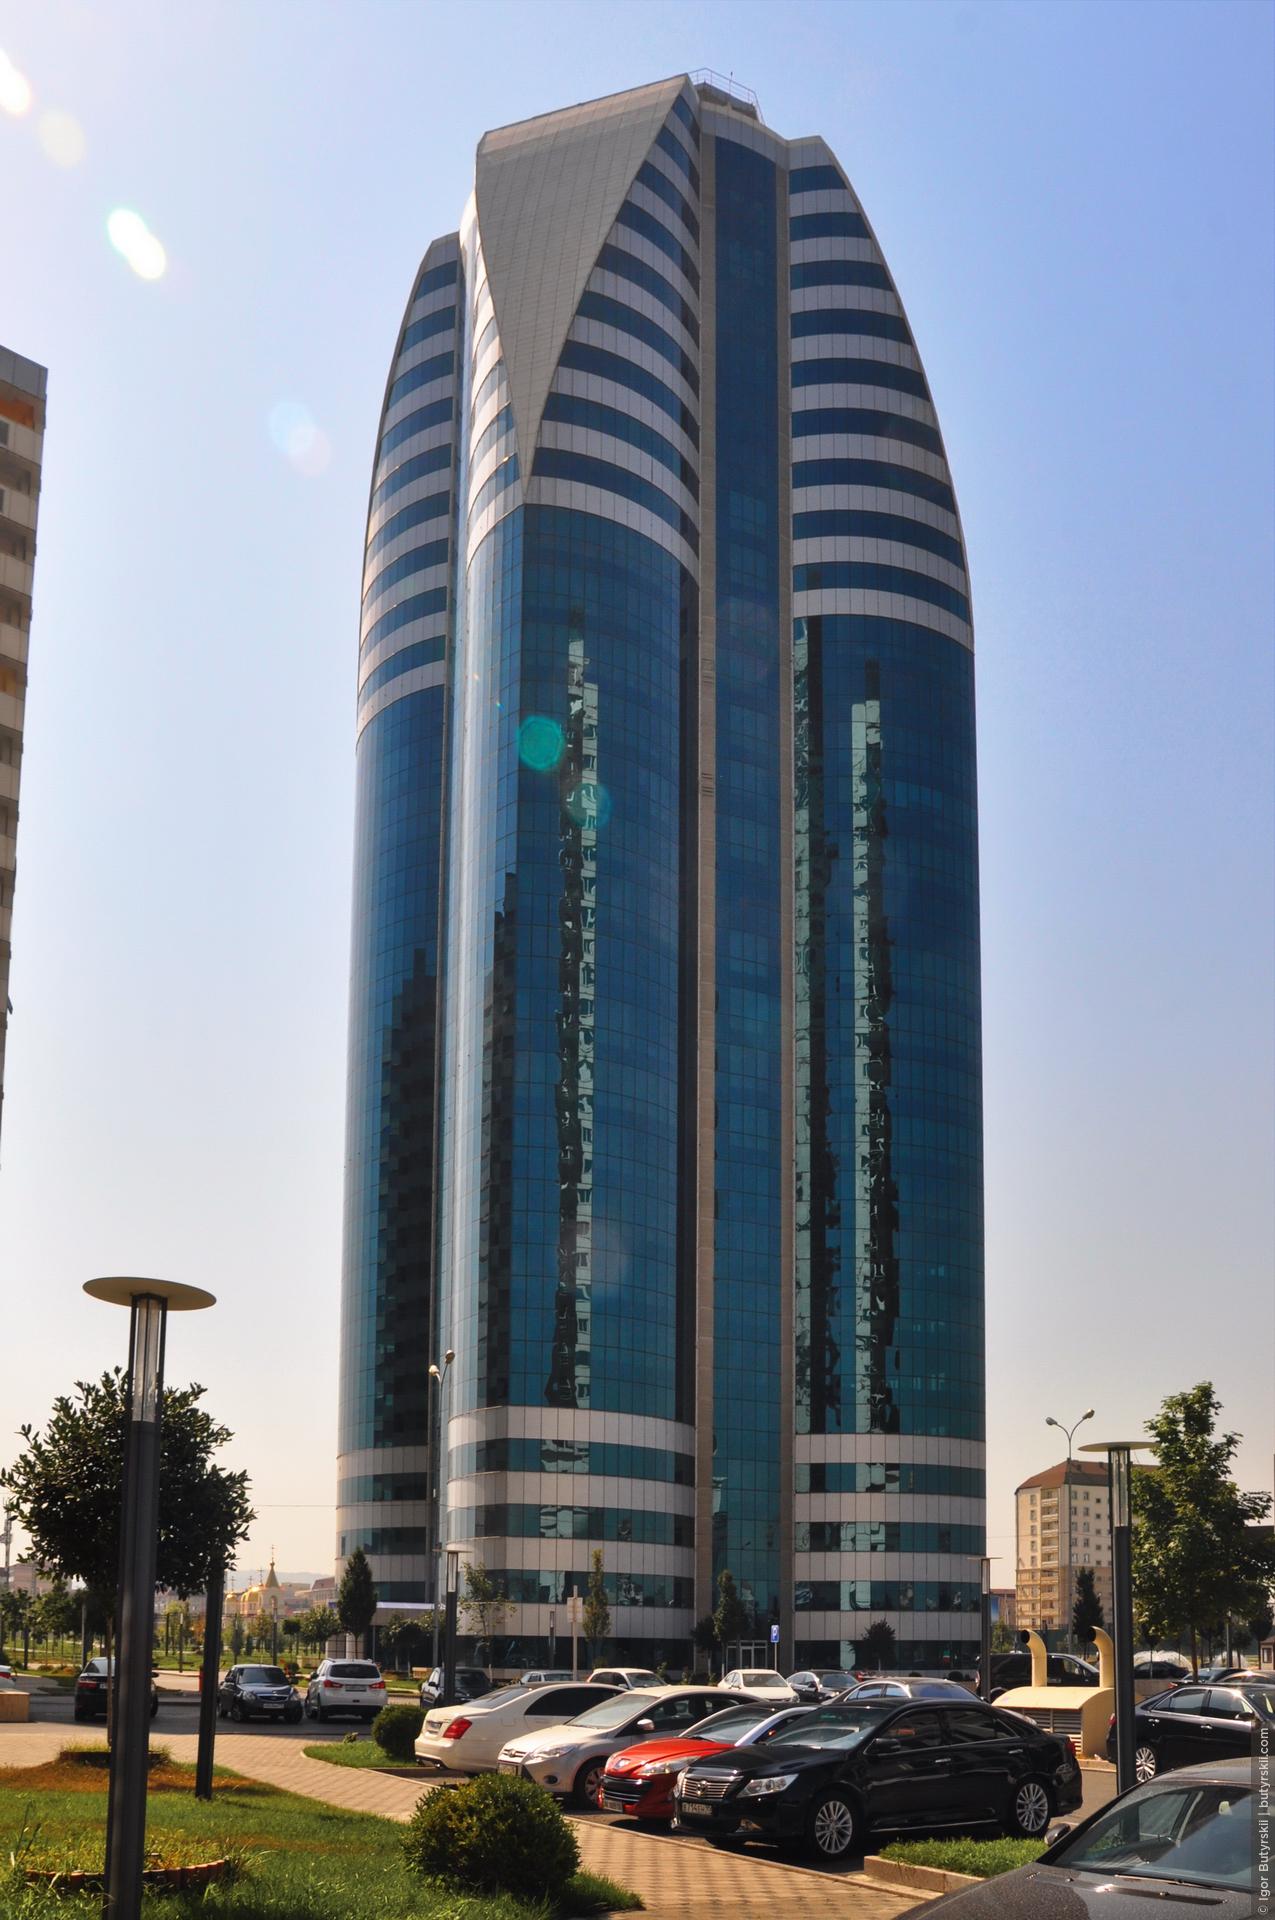 15. Офисный центр. Дизайн сделан в стилистике ближневосточных небоскребов, аналогичные башни можно легко встретить в Дубае., Грозный